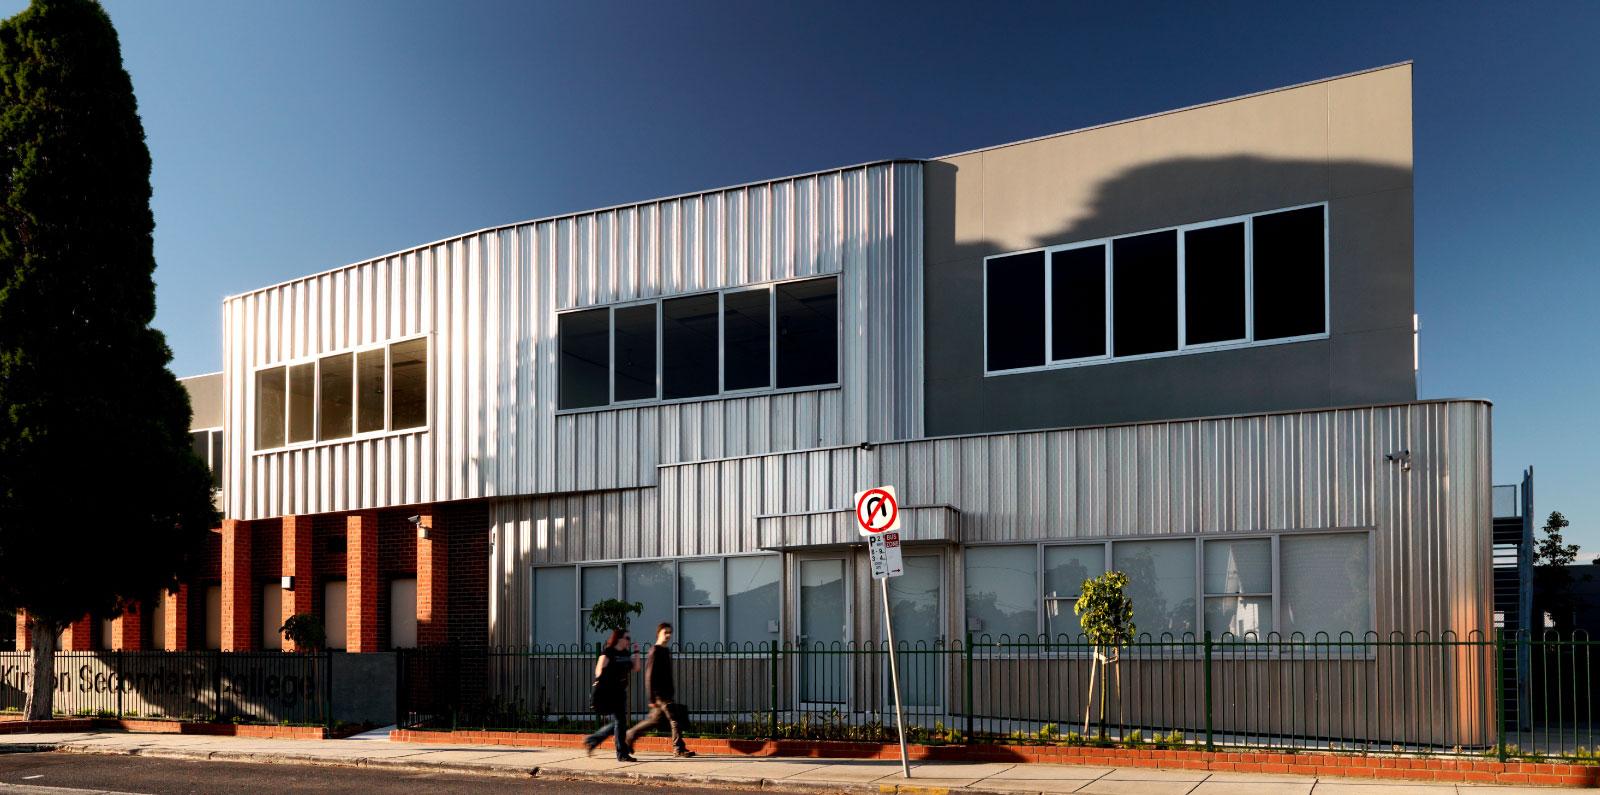 H2o-Architects-Melbourne-McKinnon-Secondary-College-03